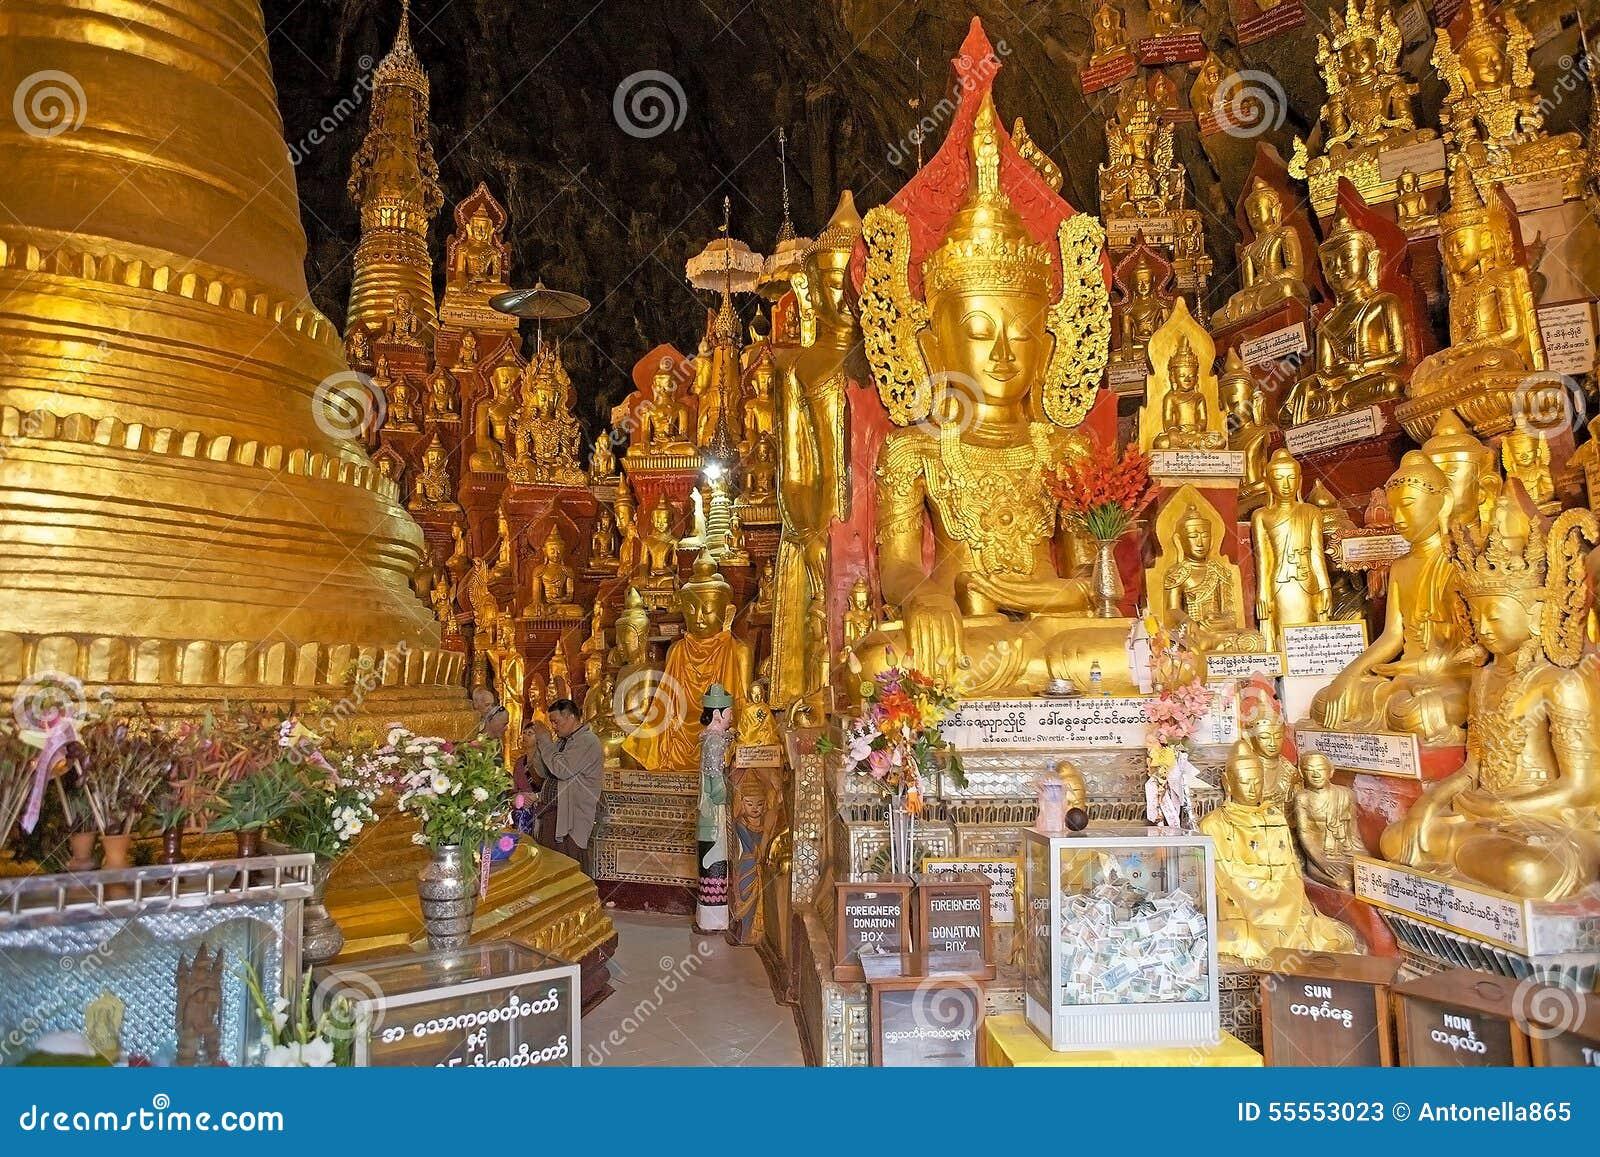 las cuevas buddhist personals Las relaciones consulares / madrid : aguilar, 1974 d i35881756 pearson, frederic relaciones internacionales :situación global en el siglo xxi .